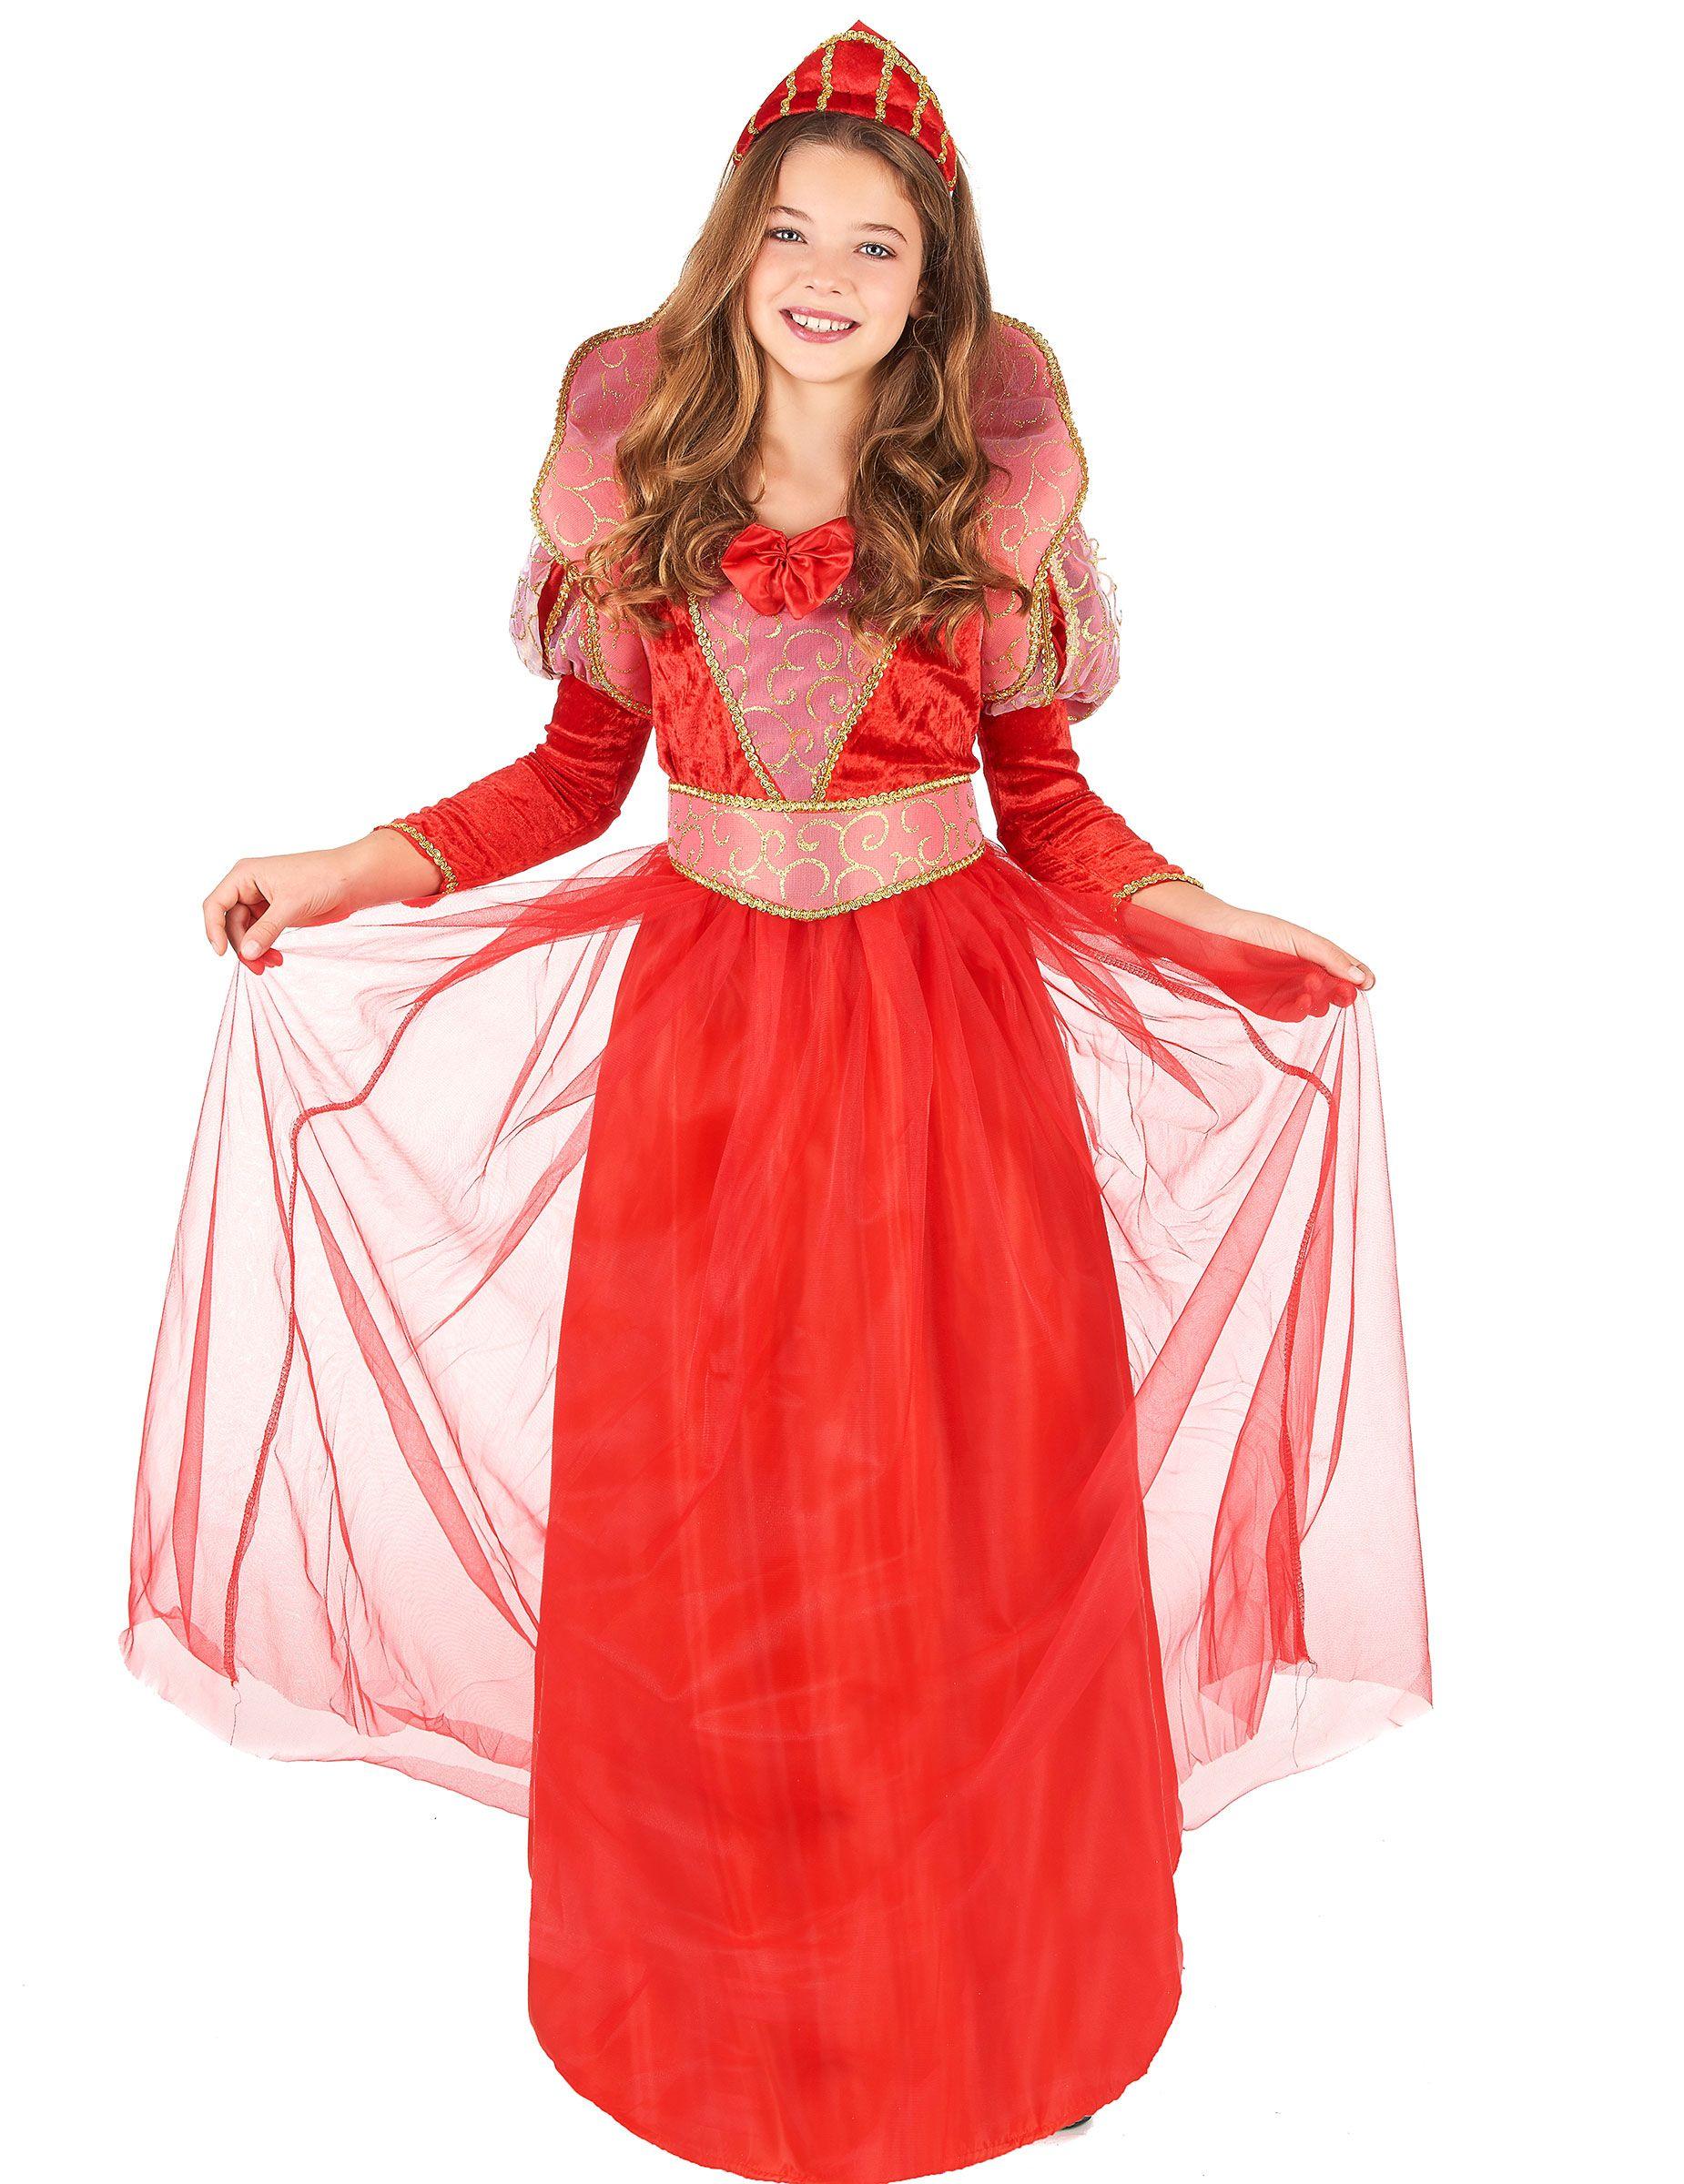 91665a7e359 Déguisement reine médiévale fille   Ce déguisement de reine pour fille se  compose d une